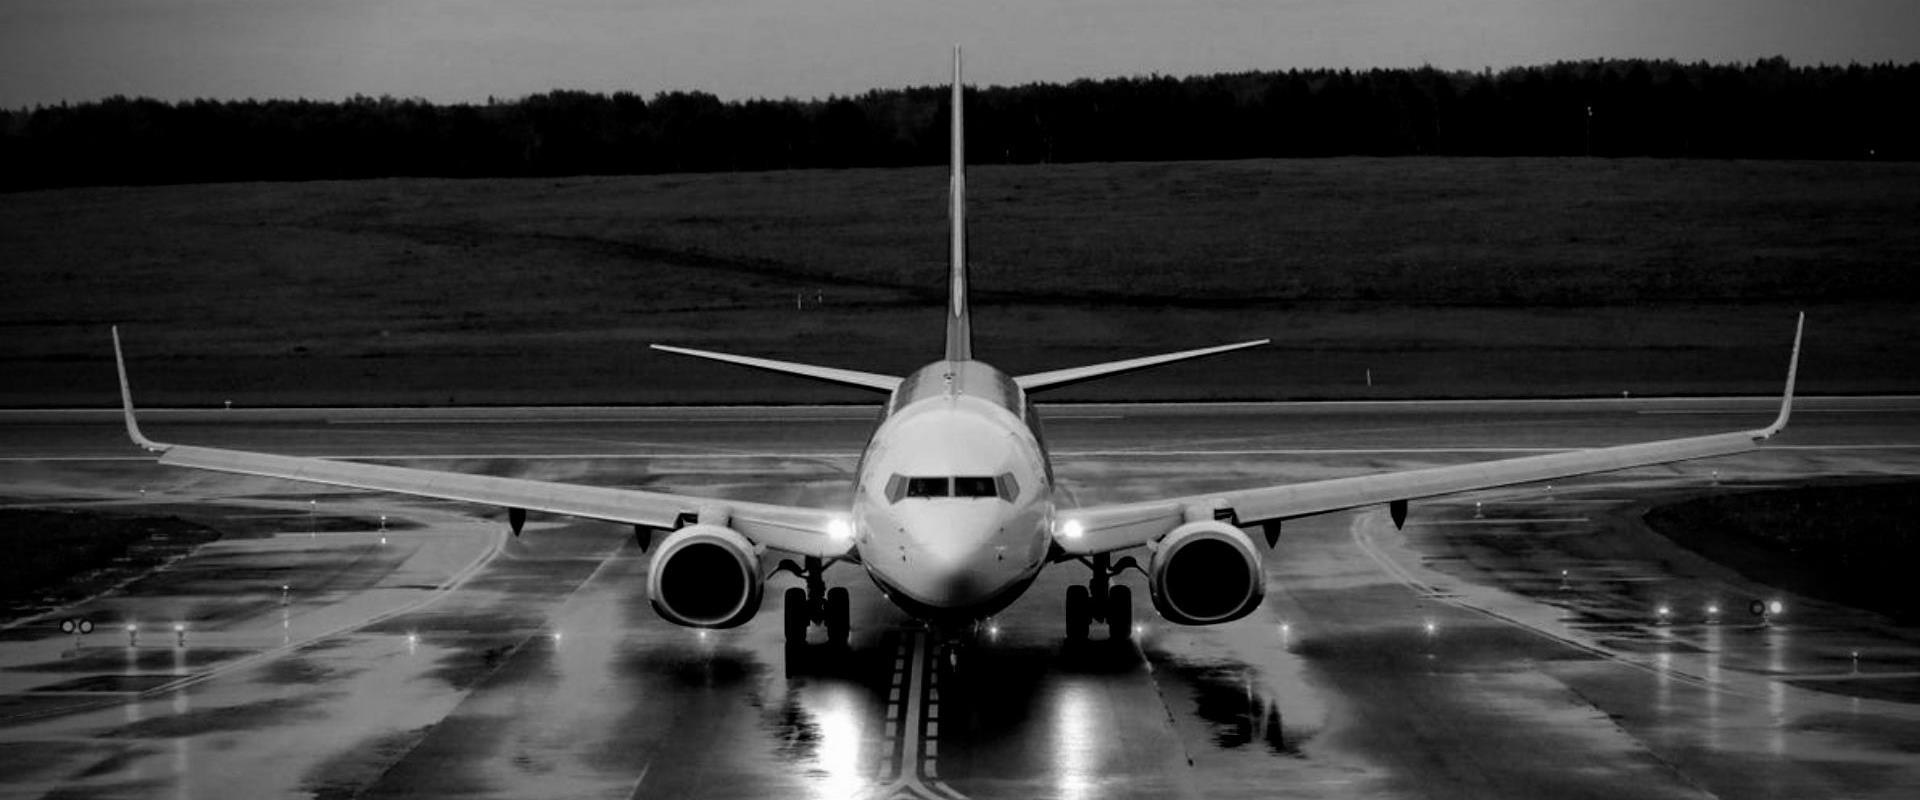 המטוס שאולץ לנחות בנמל התעופה של וילנה, השבוע